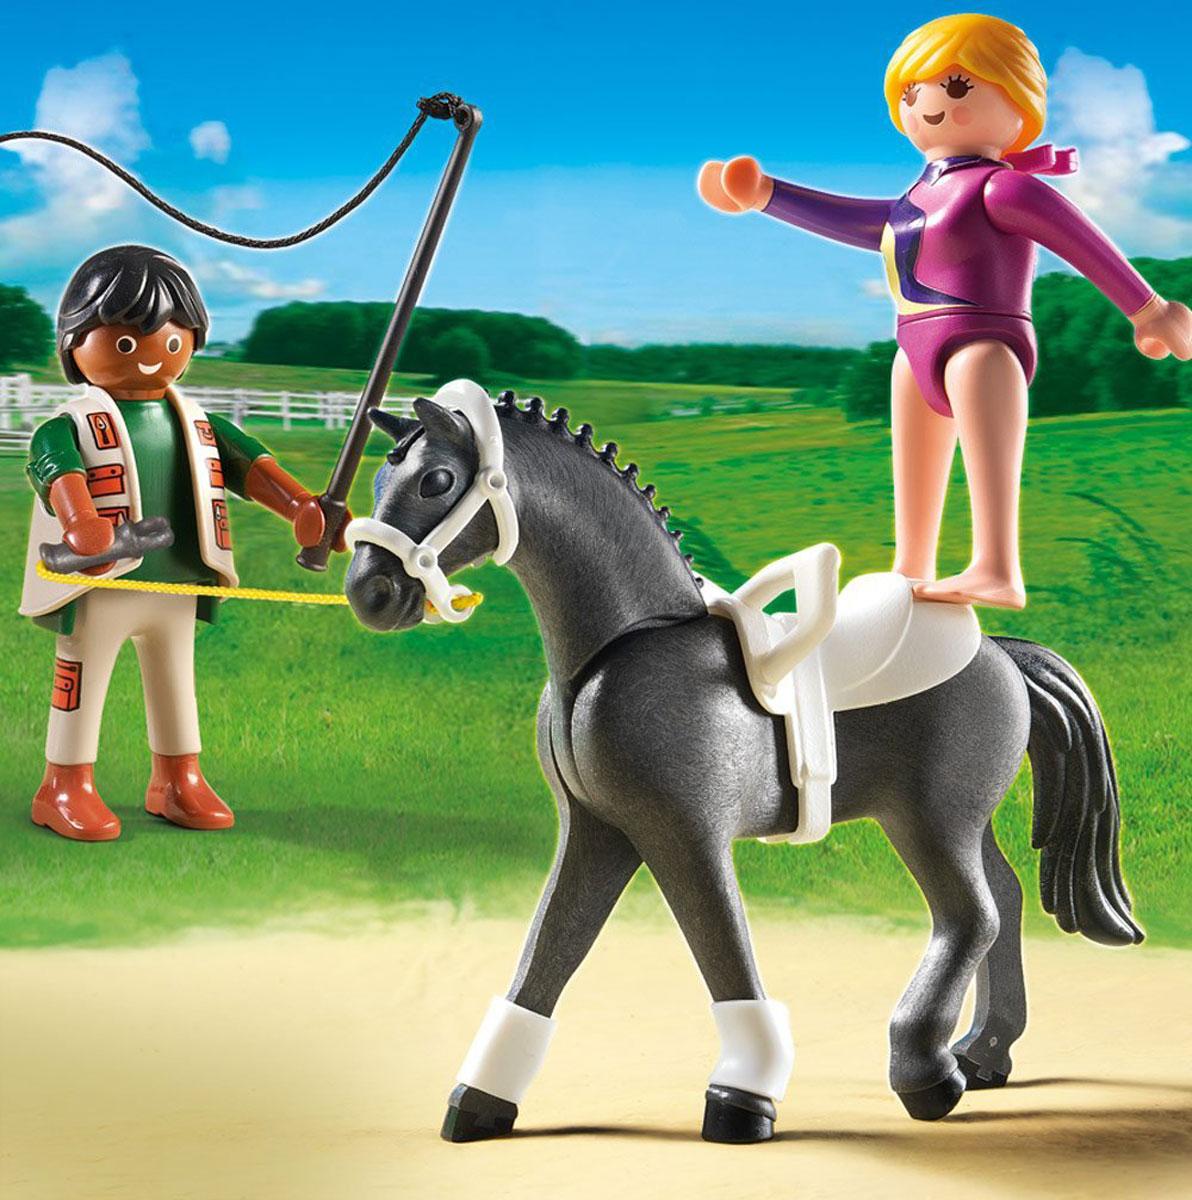 Playmobil Игровой набор Лошади Наездница эквилибристка на лошади